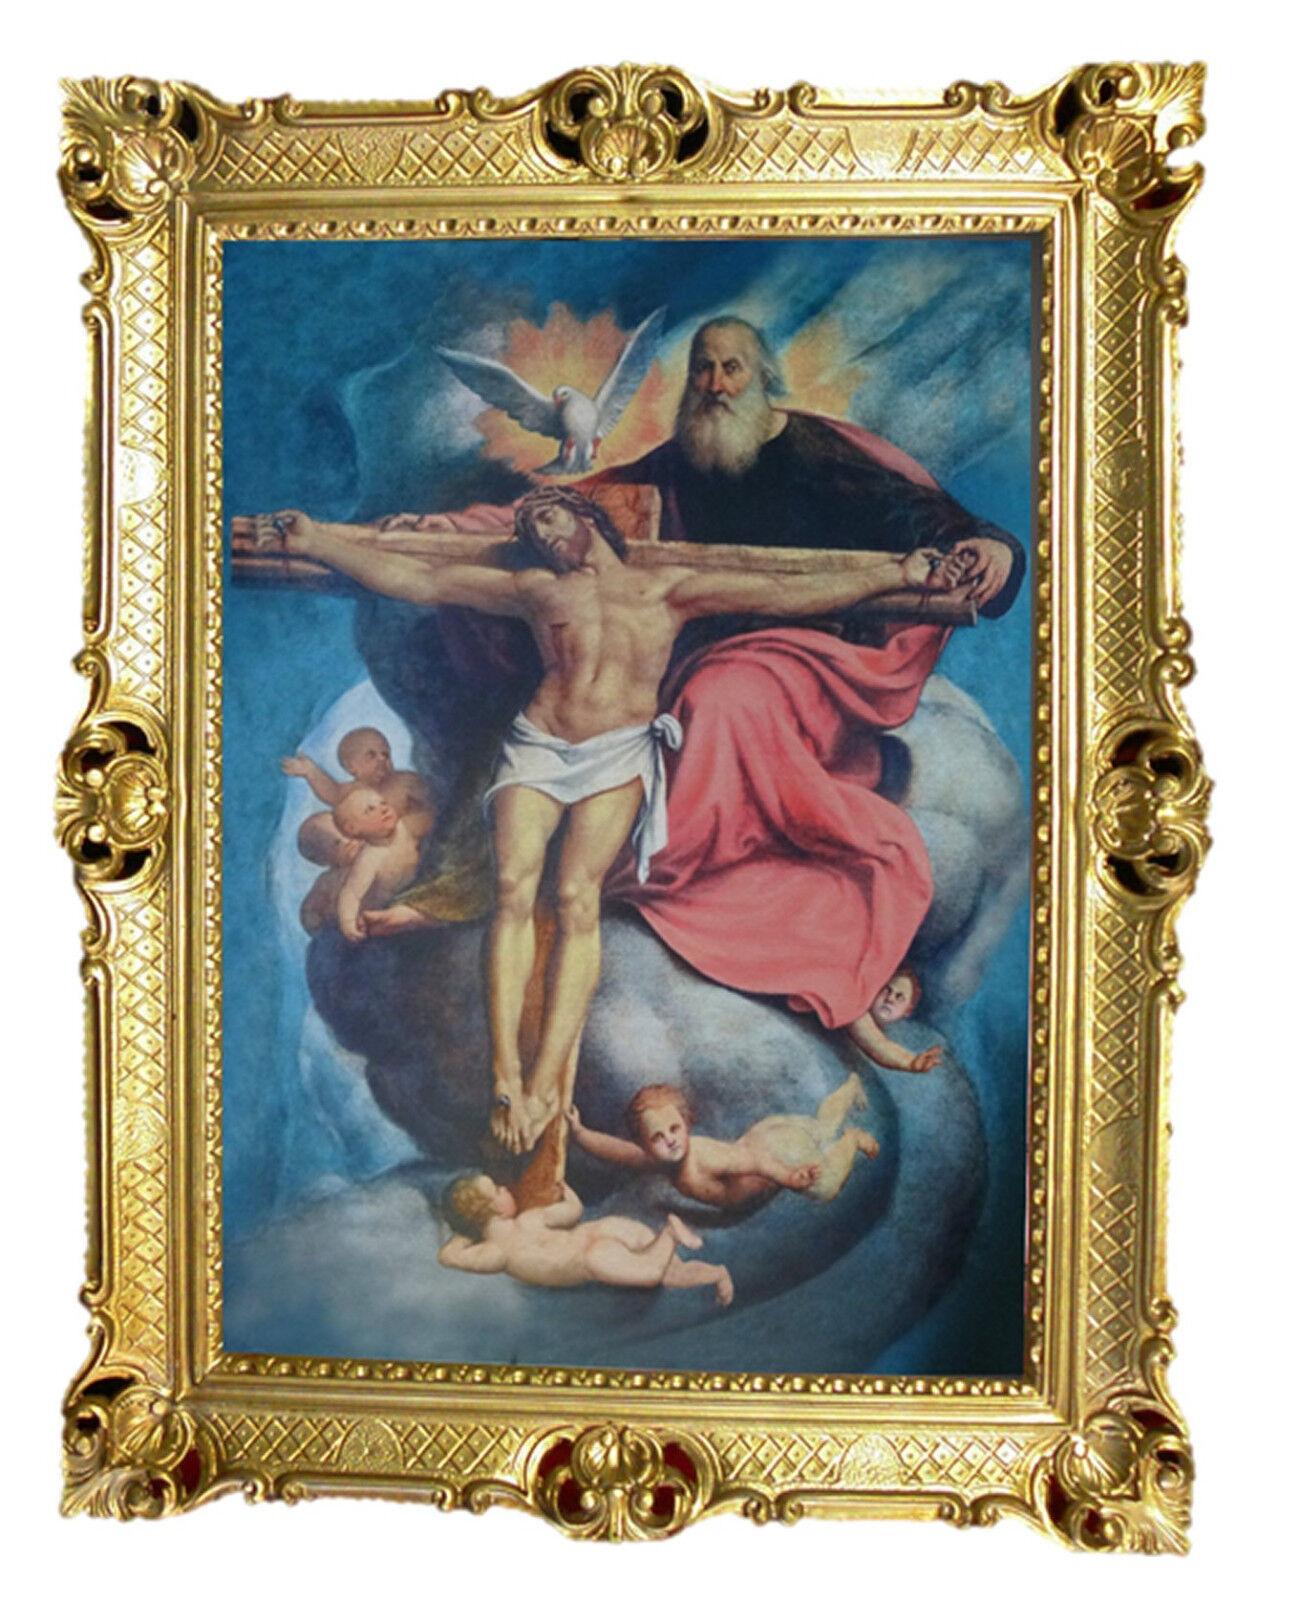 Heiligenbild mit Rahmen GEMÄLDE JESUS AM KREUZ Kruzifix ANTIK BAROCK 90x70cm